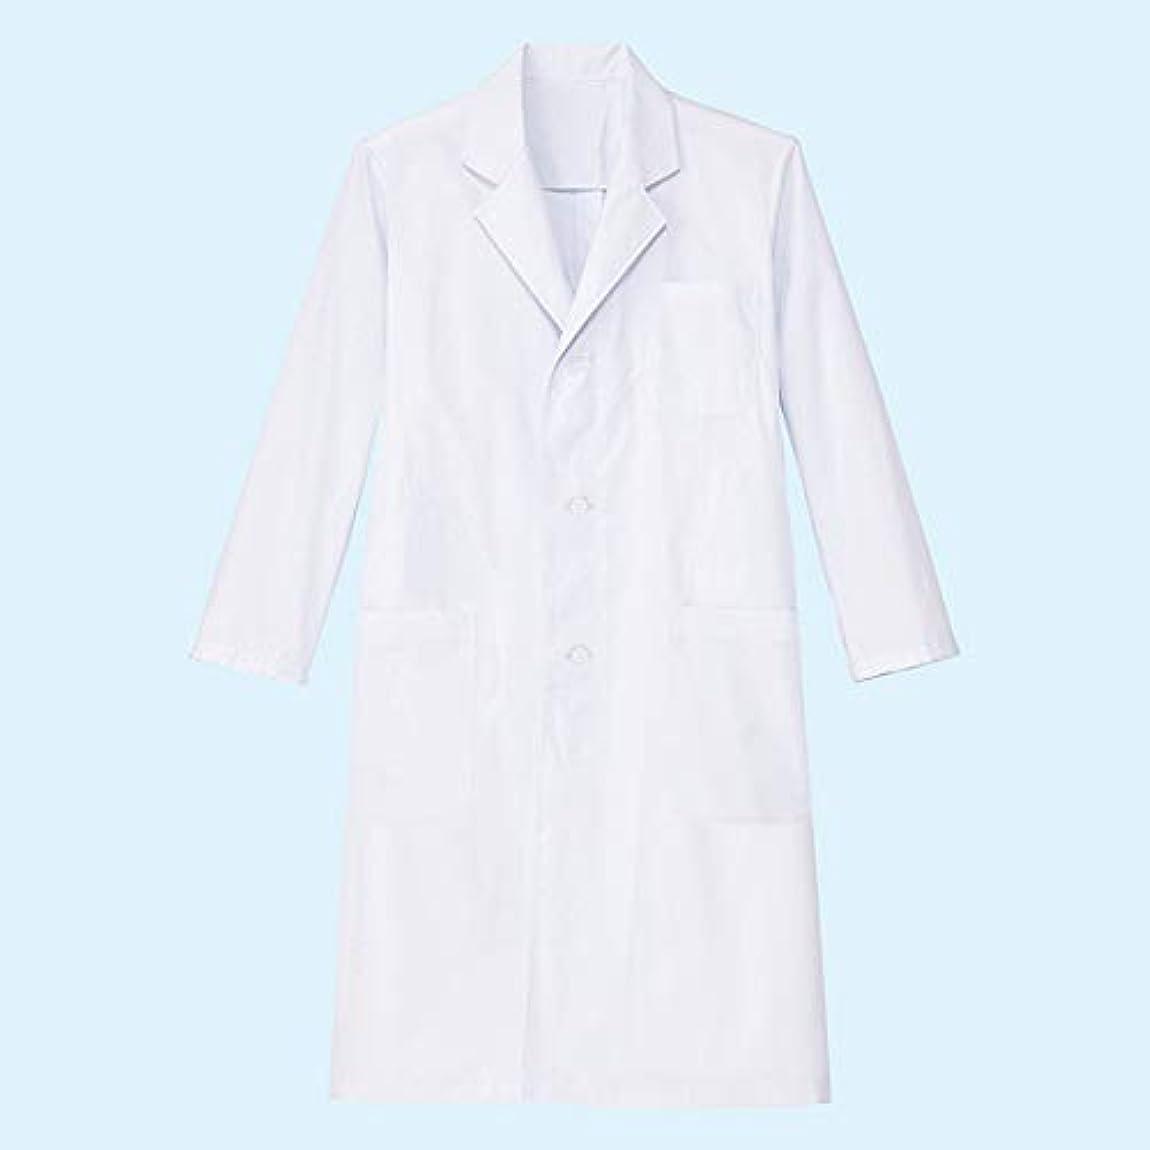 土地フルート毎年帝人フロンティア シングル診察衣 メンズ ホワイト DCSL-MW 1枚 白衣 ドクターコート 実験白衣